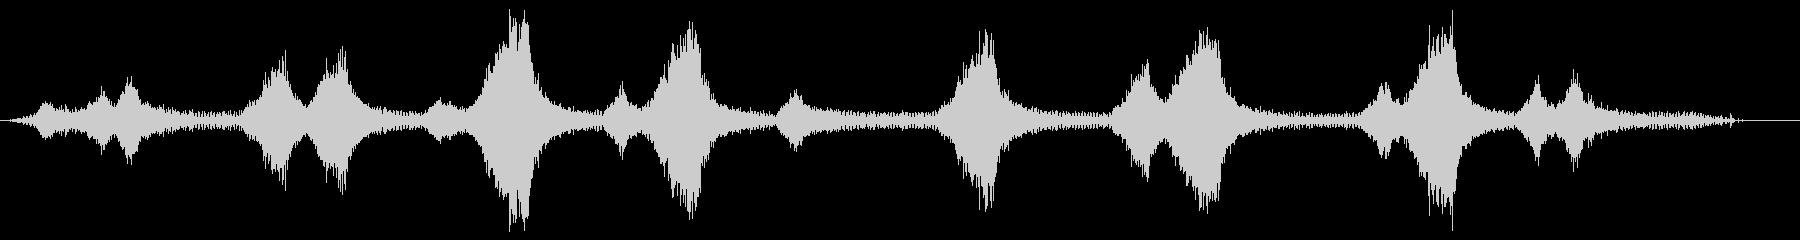 ストリングトリマー-作動中(ストリ...の未再生の波形